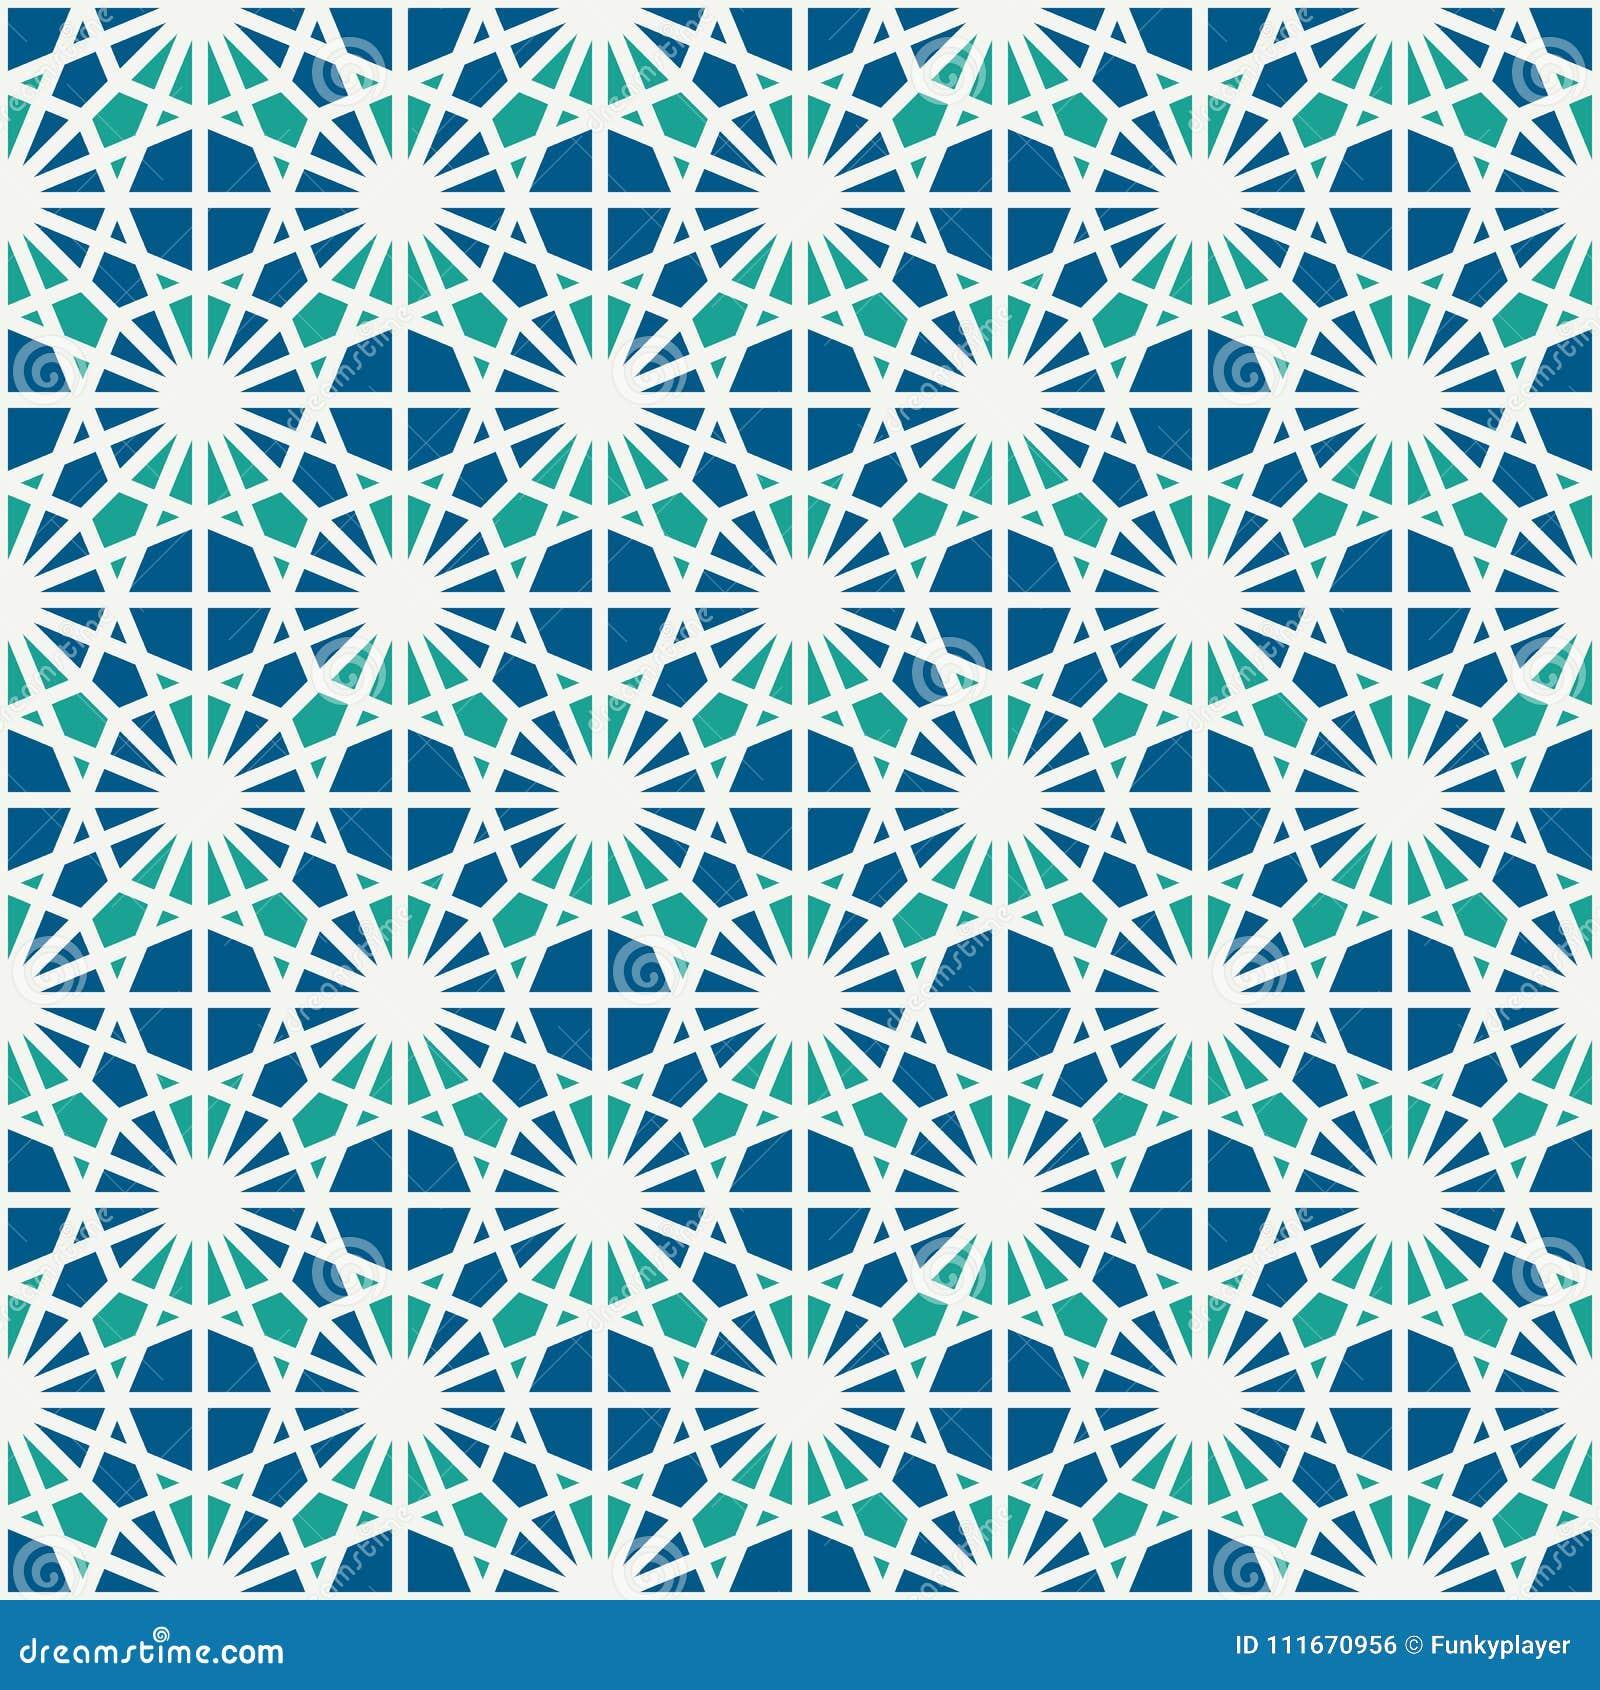 彩色玻璃马赛克无缝的表面样式 摩洛哥陶瓷砖主题 透雕细工装饰品 万花筒背景